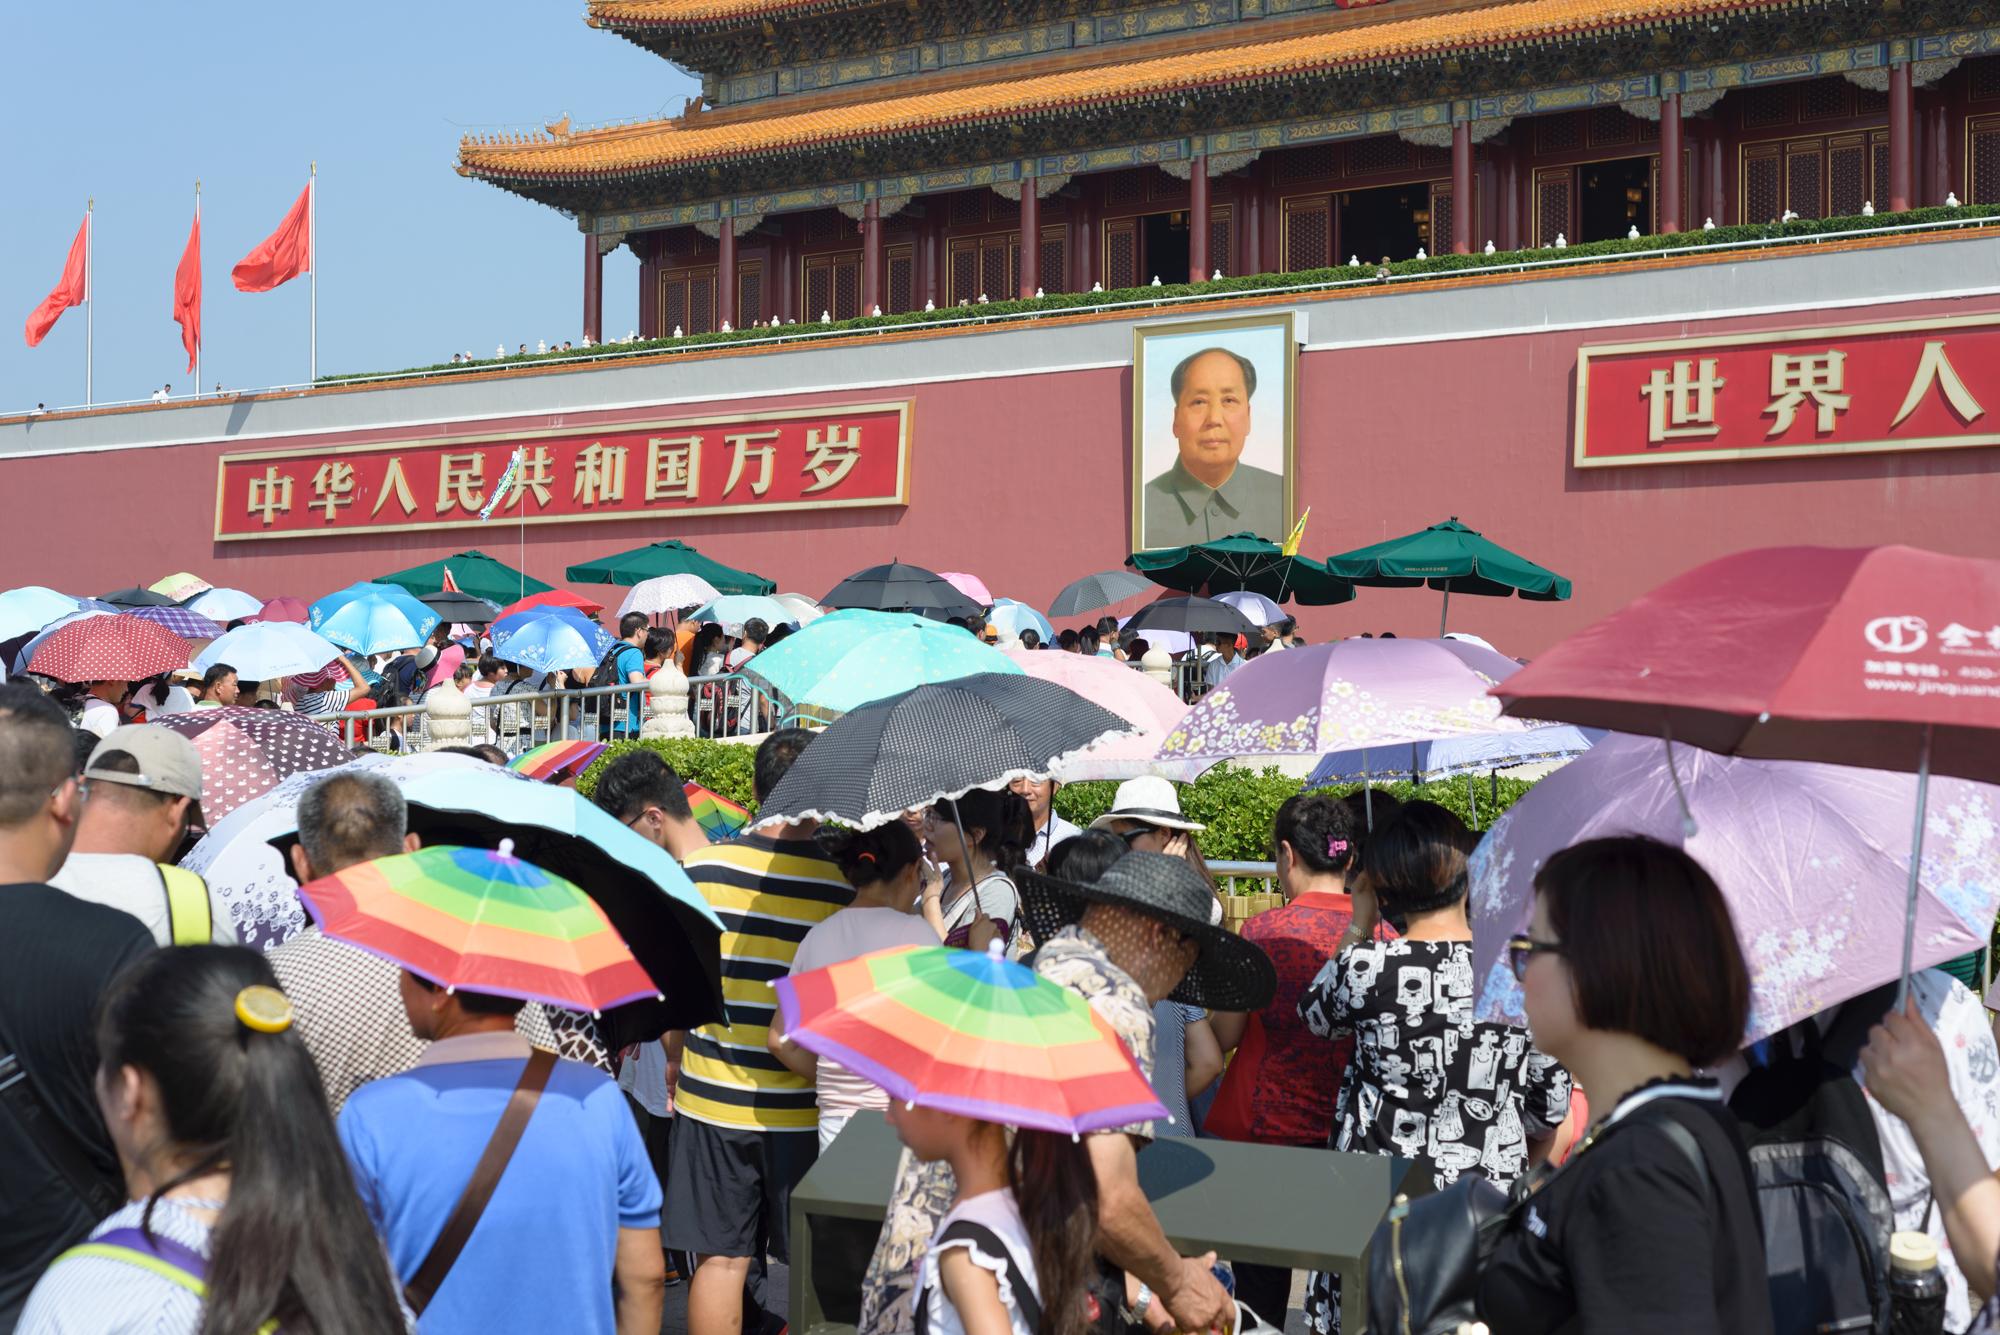 Emiliano Negrini: Géming, una nuova era. Le folle di turisti in Cina